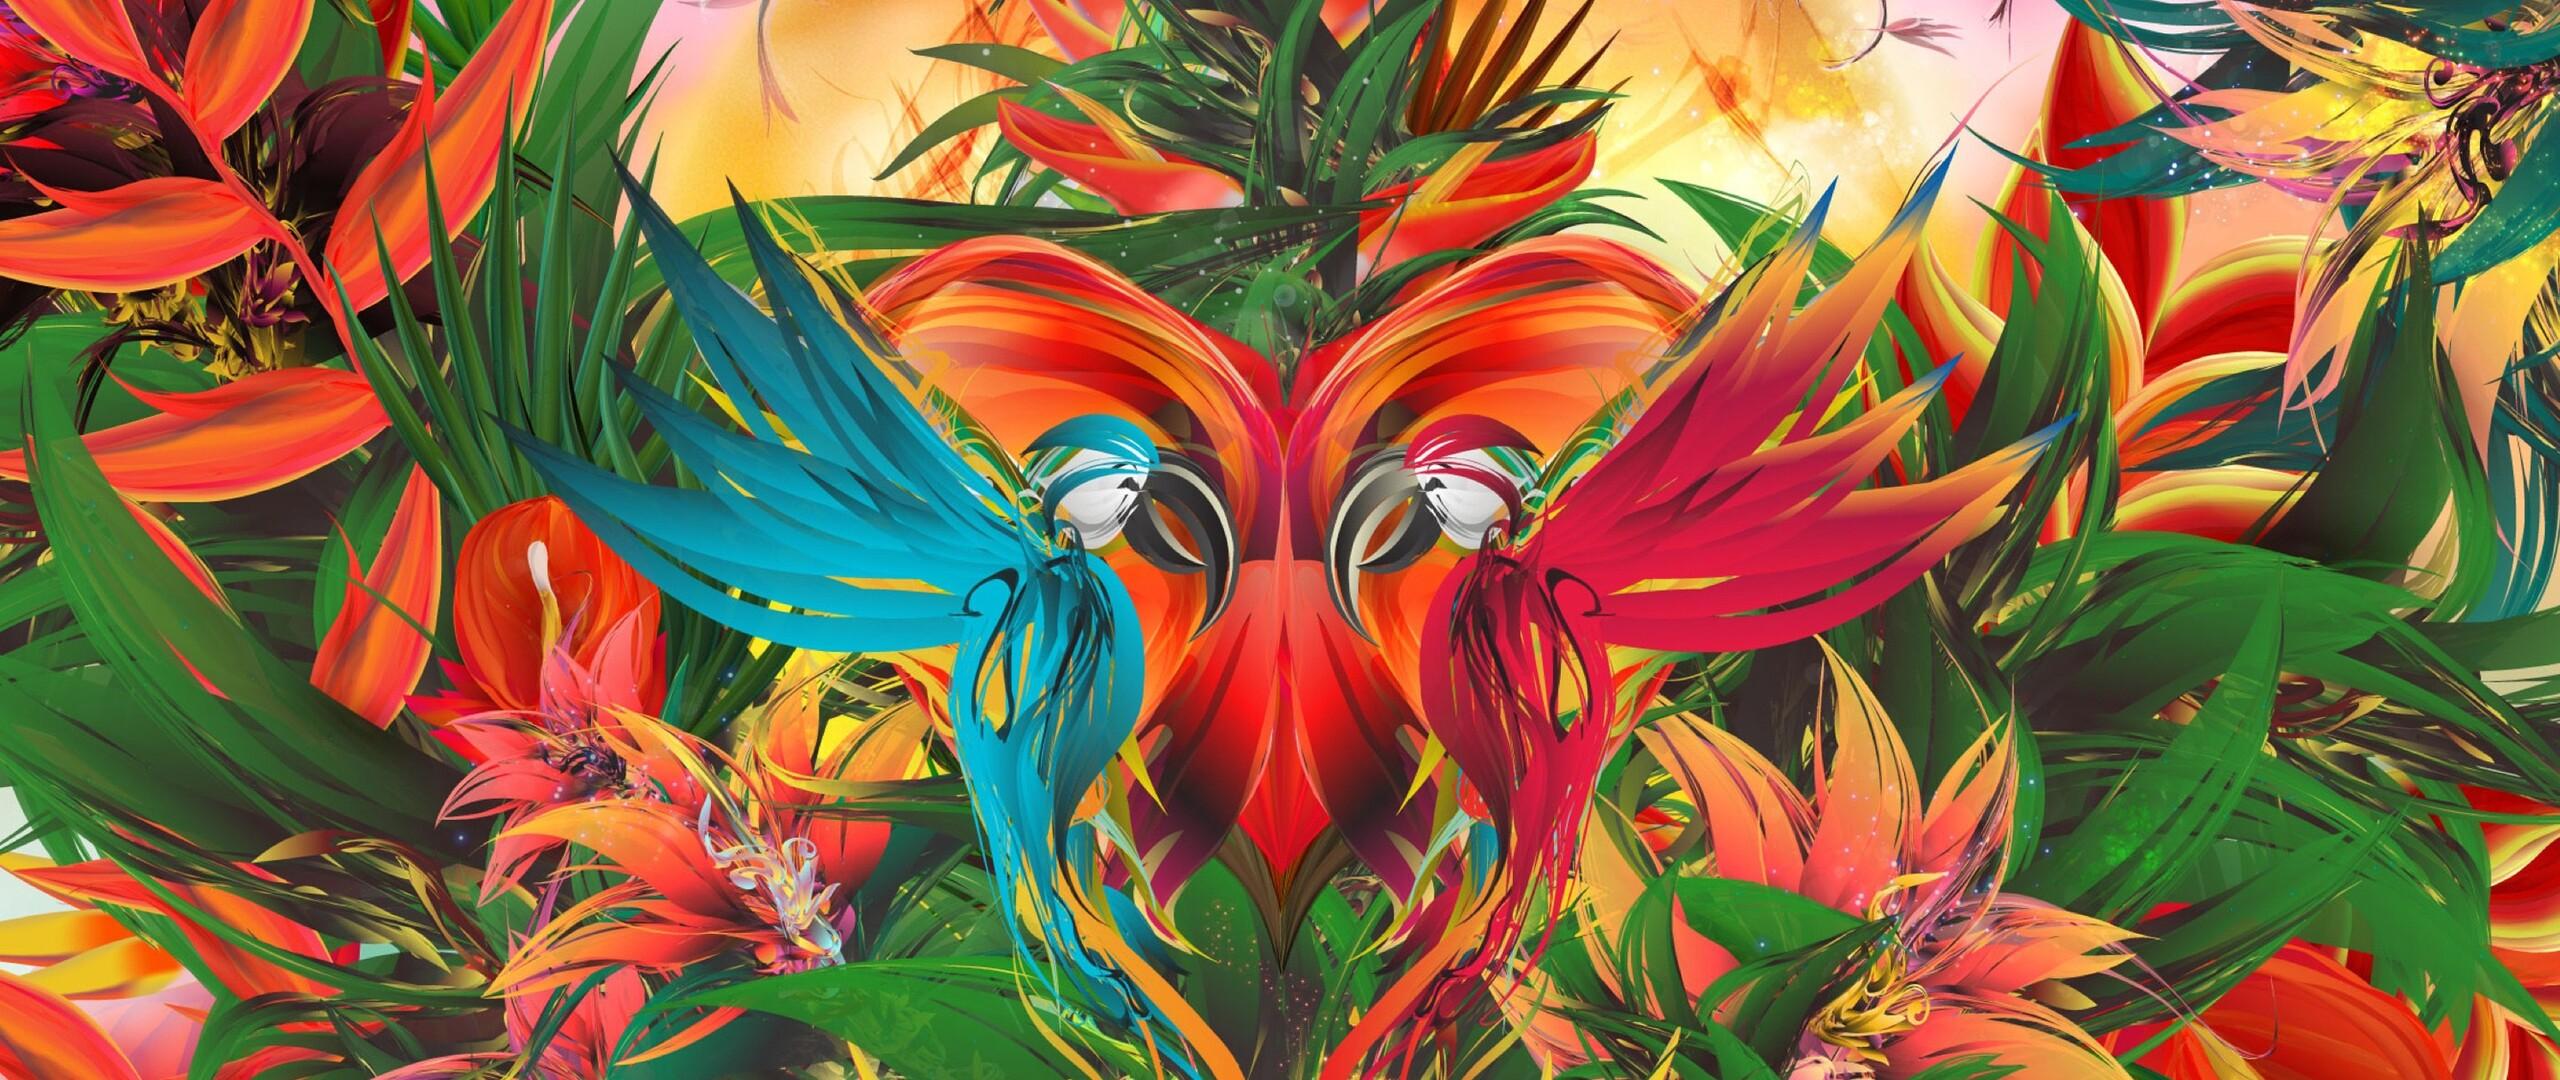 parrot-colors.jpg